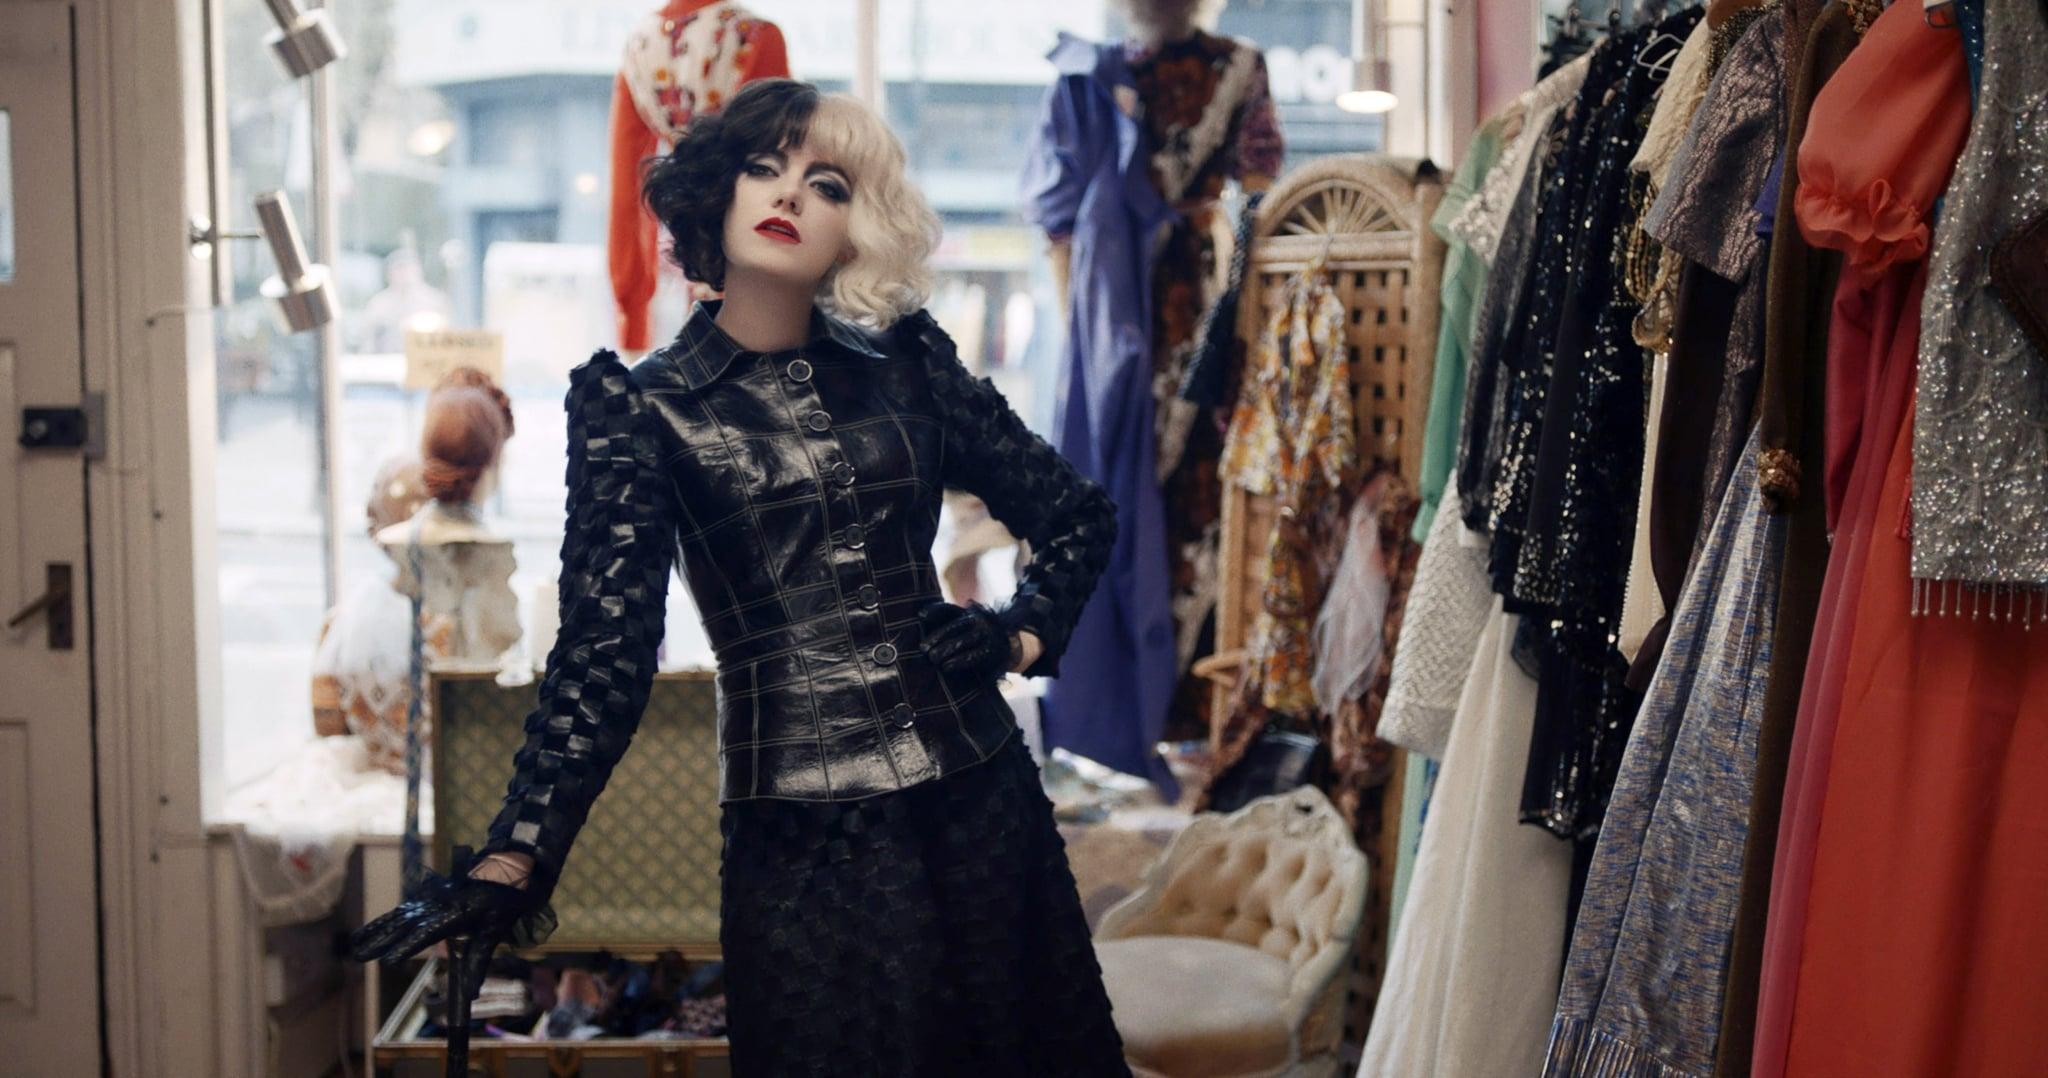 CRUELLA, Emma Stone as Cruella de Vil, 2021.  Disney+ / Courtesy Everett Collection